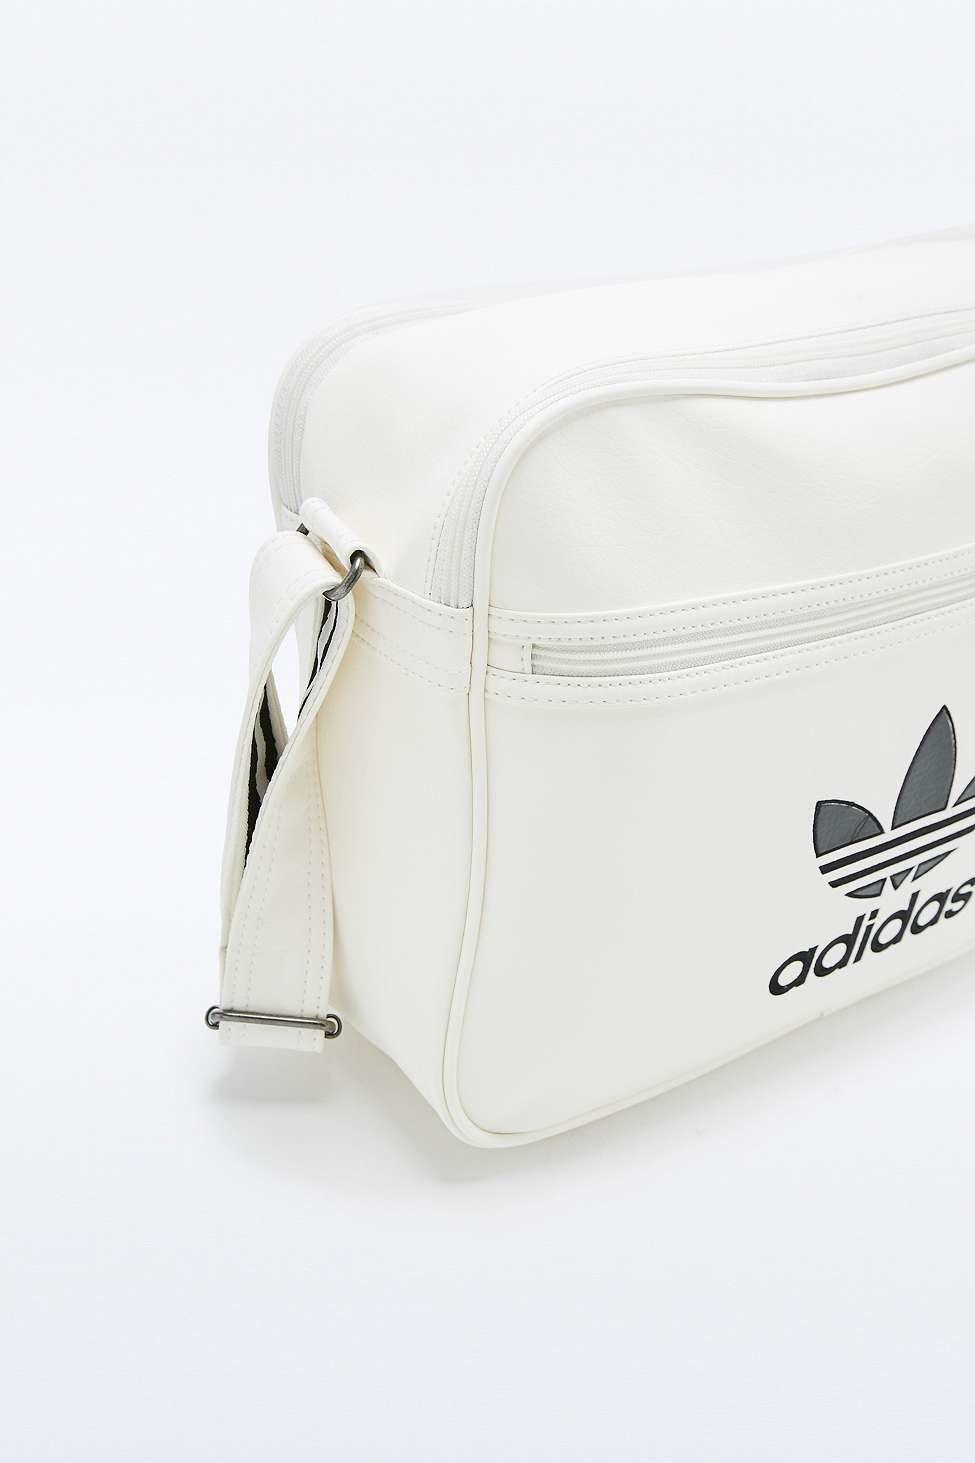 e3e67268f301 adidas Originals Classic White Airliner Bag in White - Lyst